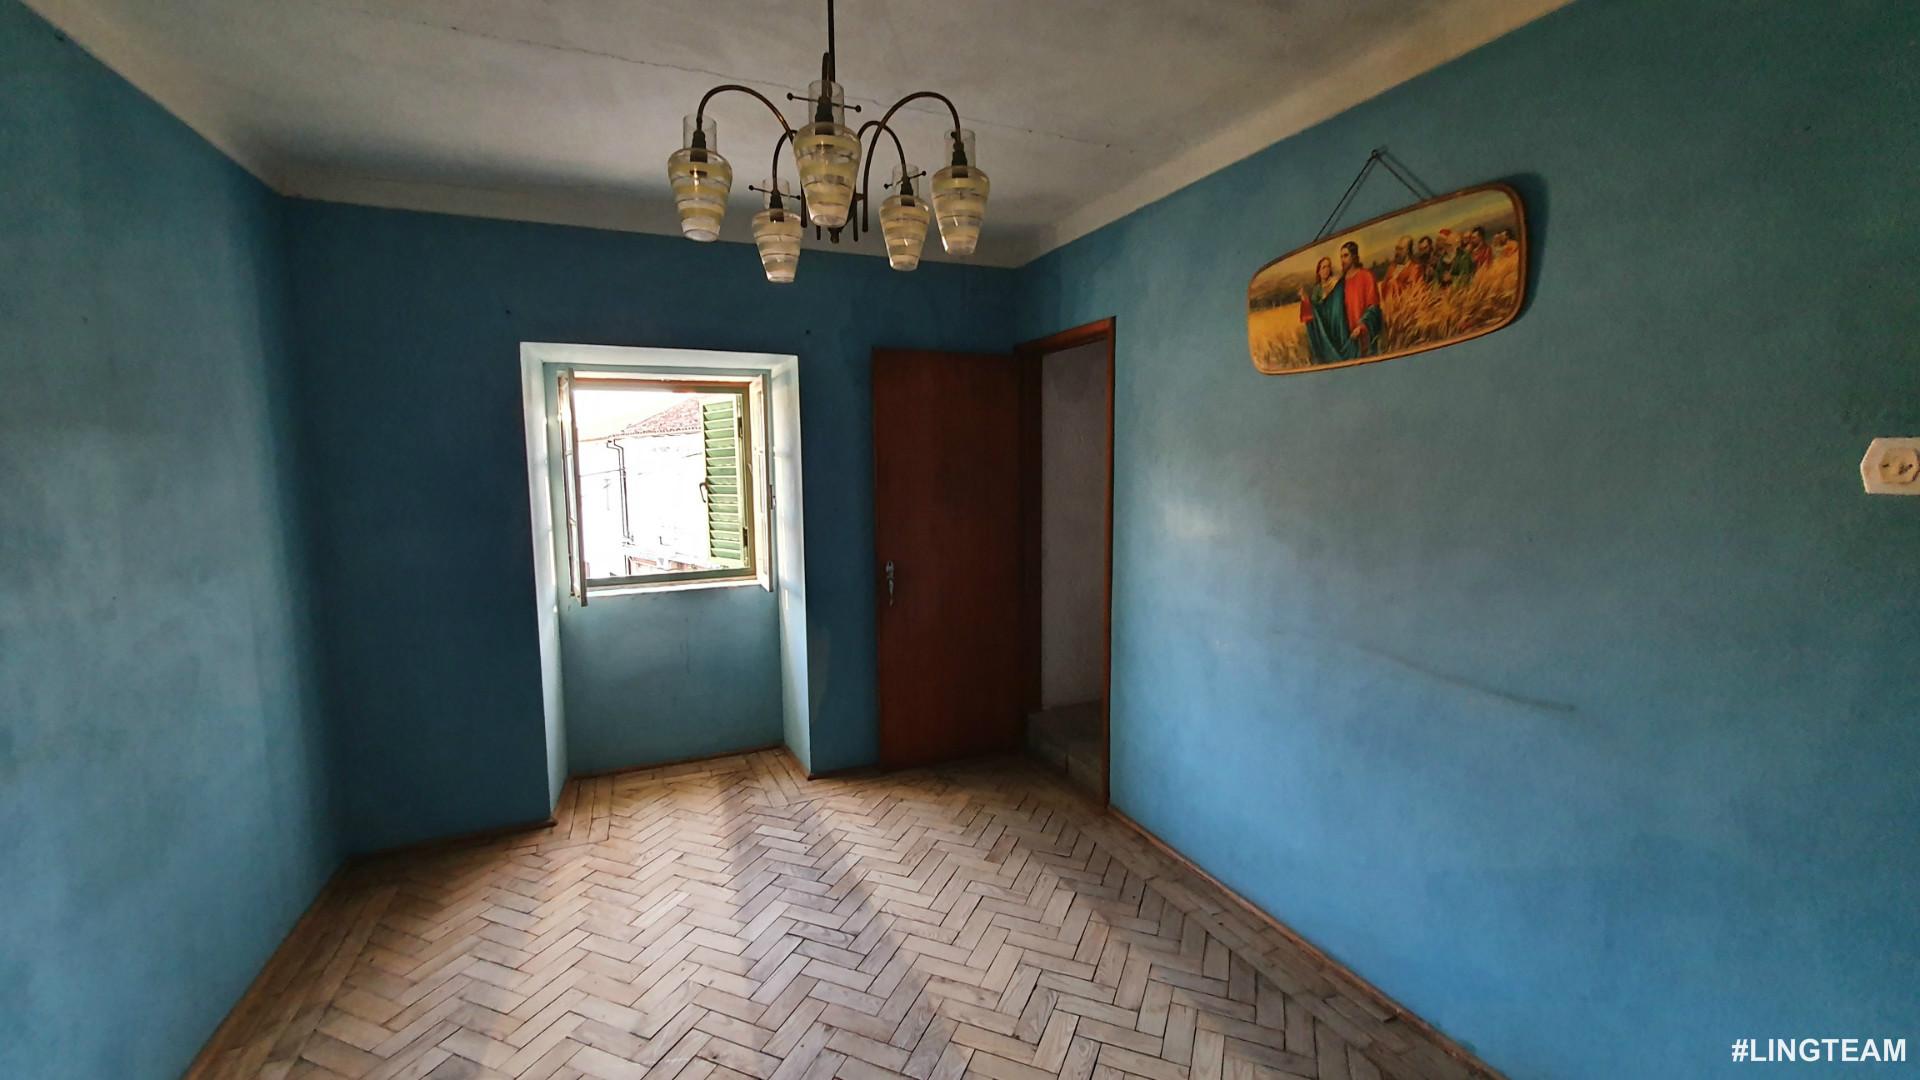 Doppelhaus 2 Schlafzimmer